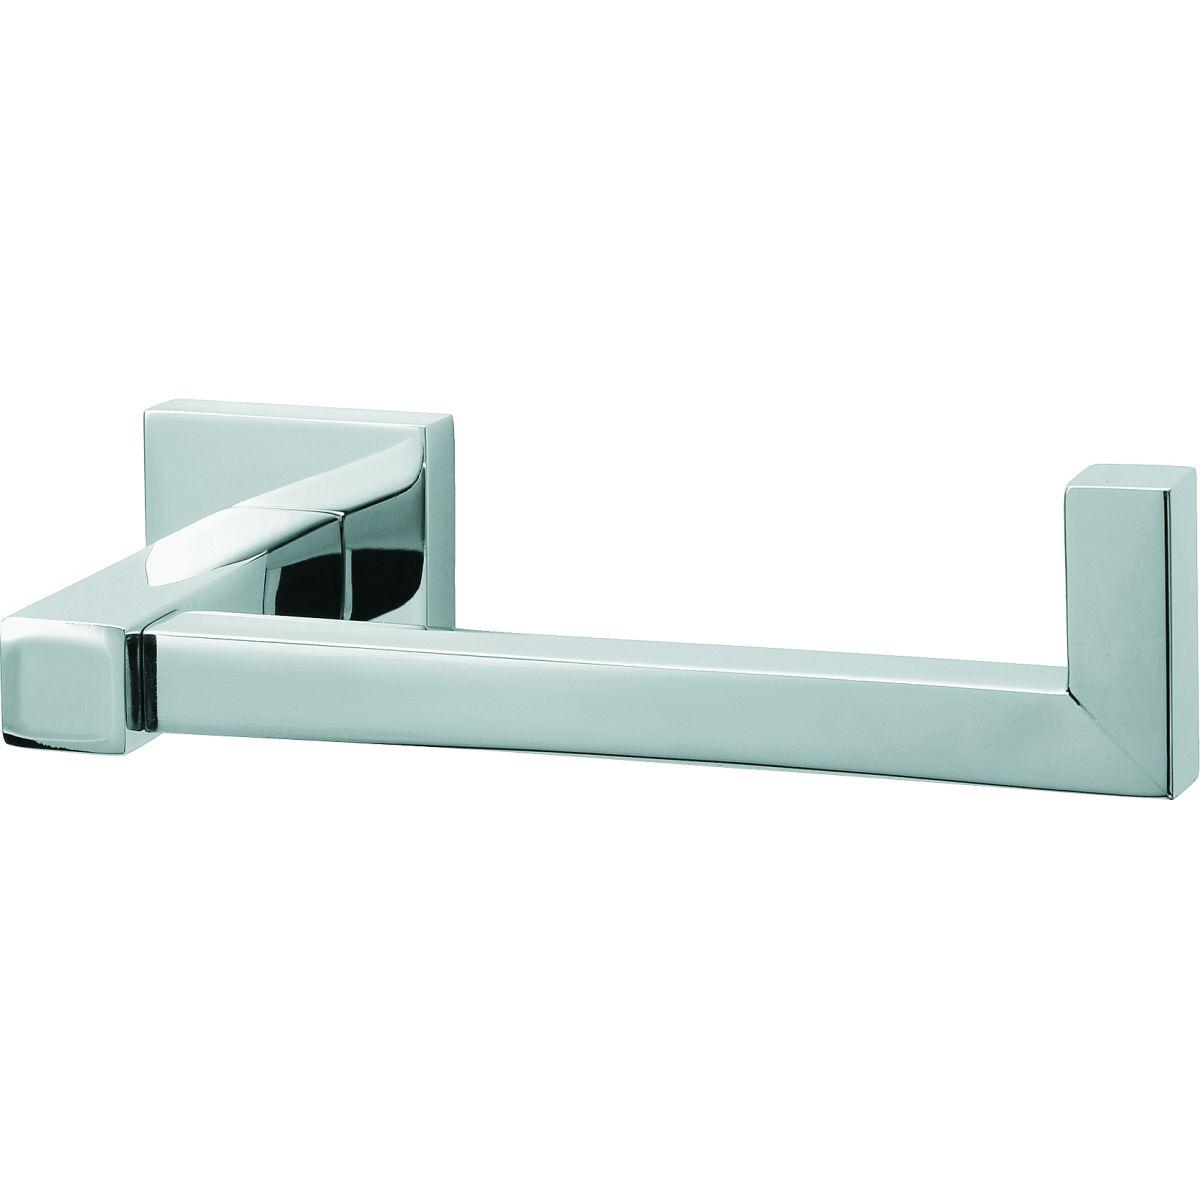 Papeleira 2020 Quadratta C83 Cromado Deca Condec Premium  #121D1C 1200x1200 Acessorios Banheiro Deca